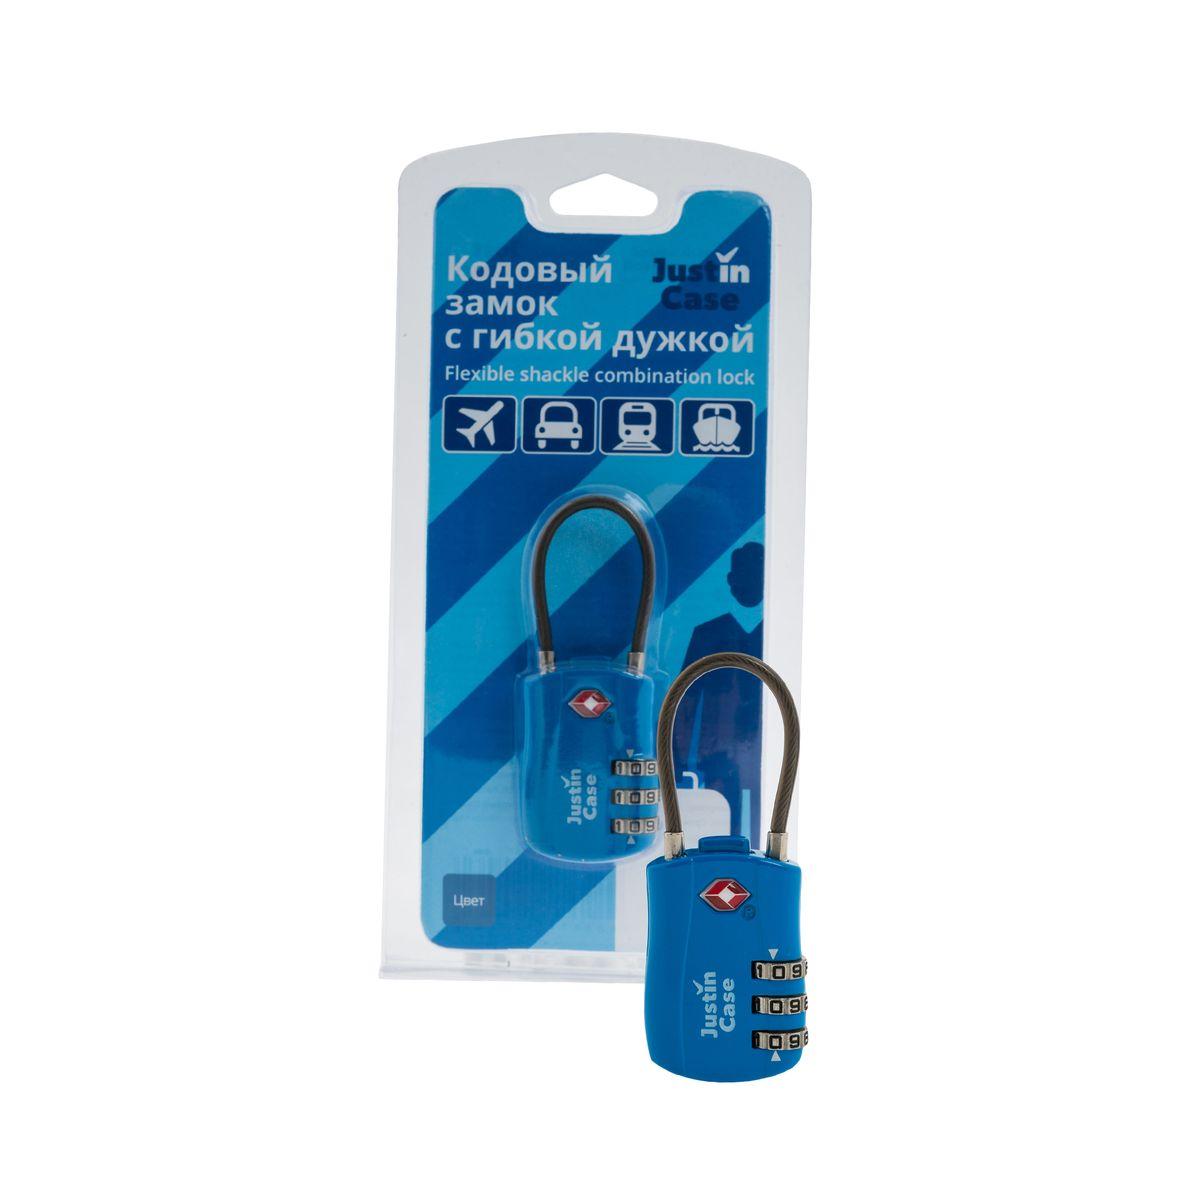 Замок кодовыйс JustinCase 3-Dial Lock TSA, с гибкой дужкой, цвет: голубойA5104BКодовый замок для багажа JustinCase 3-Dial Lock TSA с гибкой дужкой надежно защитит ваш чемодан. Прочный корпус из цинкового сплава гарантирует долговечность, а кодовый механизм позволяет установить свою собственную секретную комбинацию. Гибкая дужка обеспечивает удобную фиксацию замка на багаже. Замок одобрен TSA, что означает, что он может быть открыт специальными службами аэропорта без нанесения повреждений.